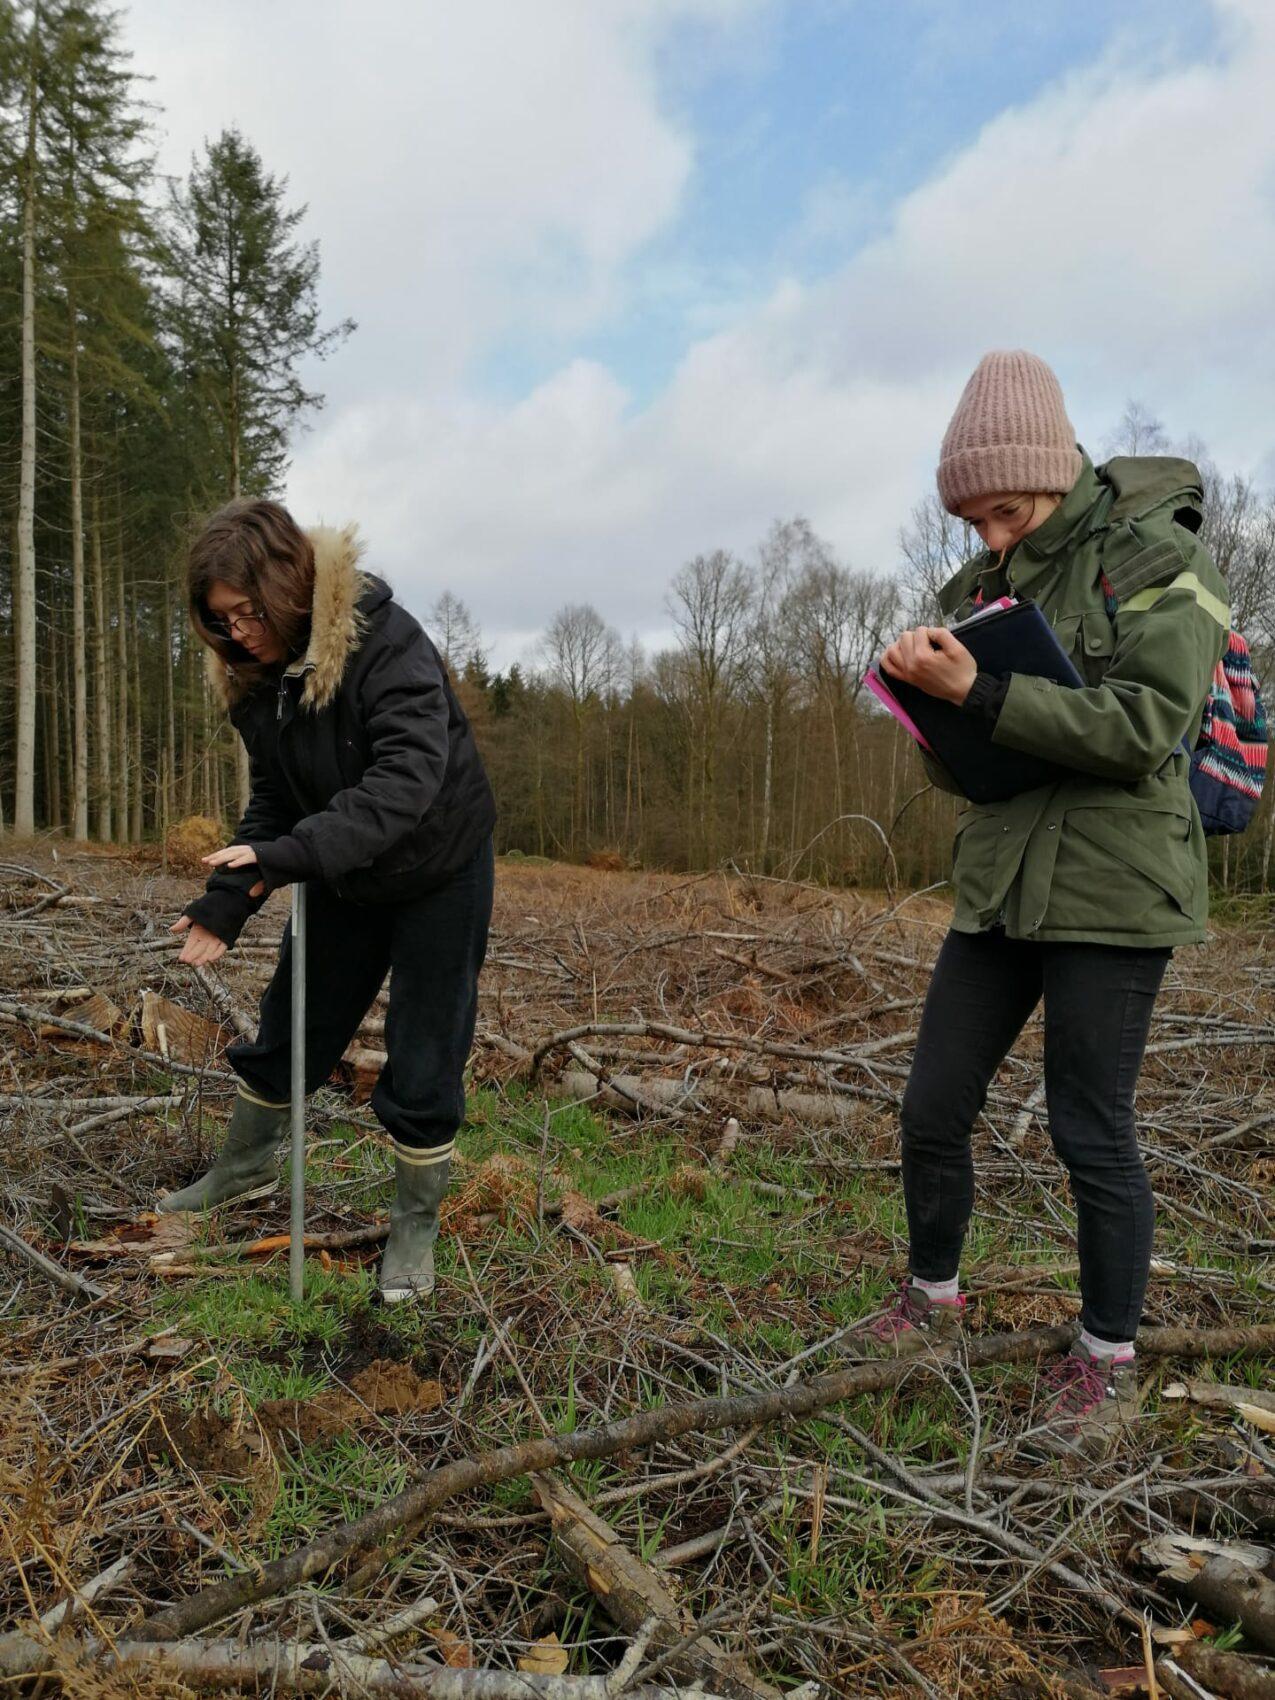 Victoria B et Victoria R, stagiaires à la SRFB en train de prospecter une parcelle pour les Arboretums